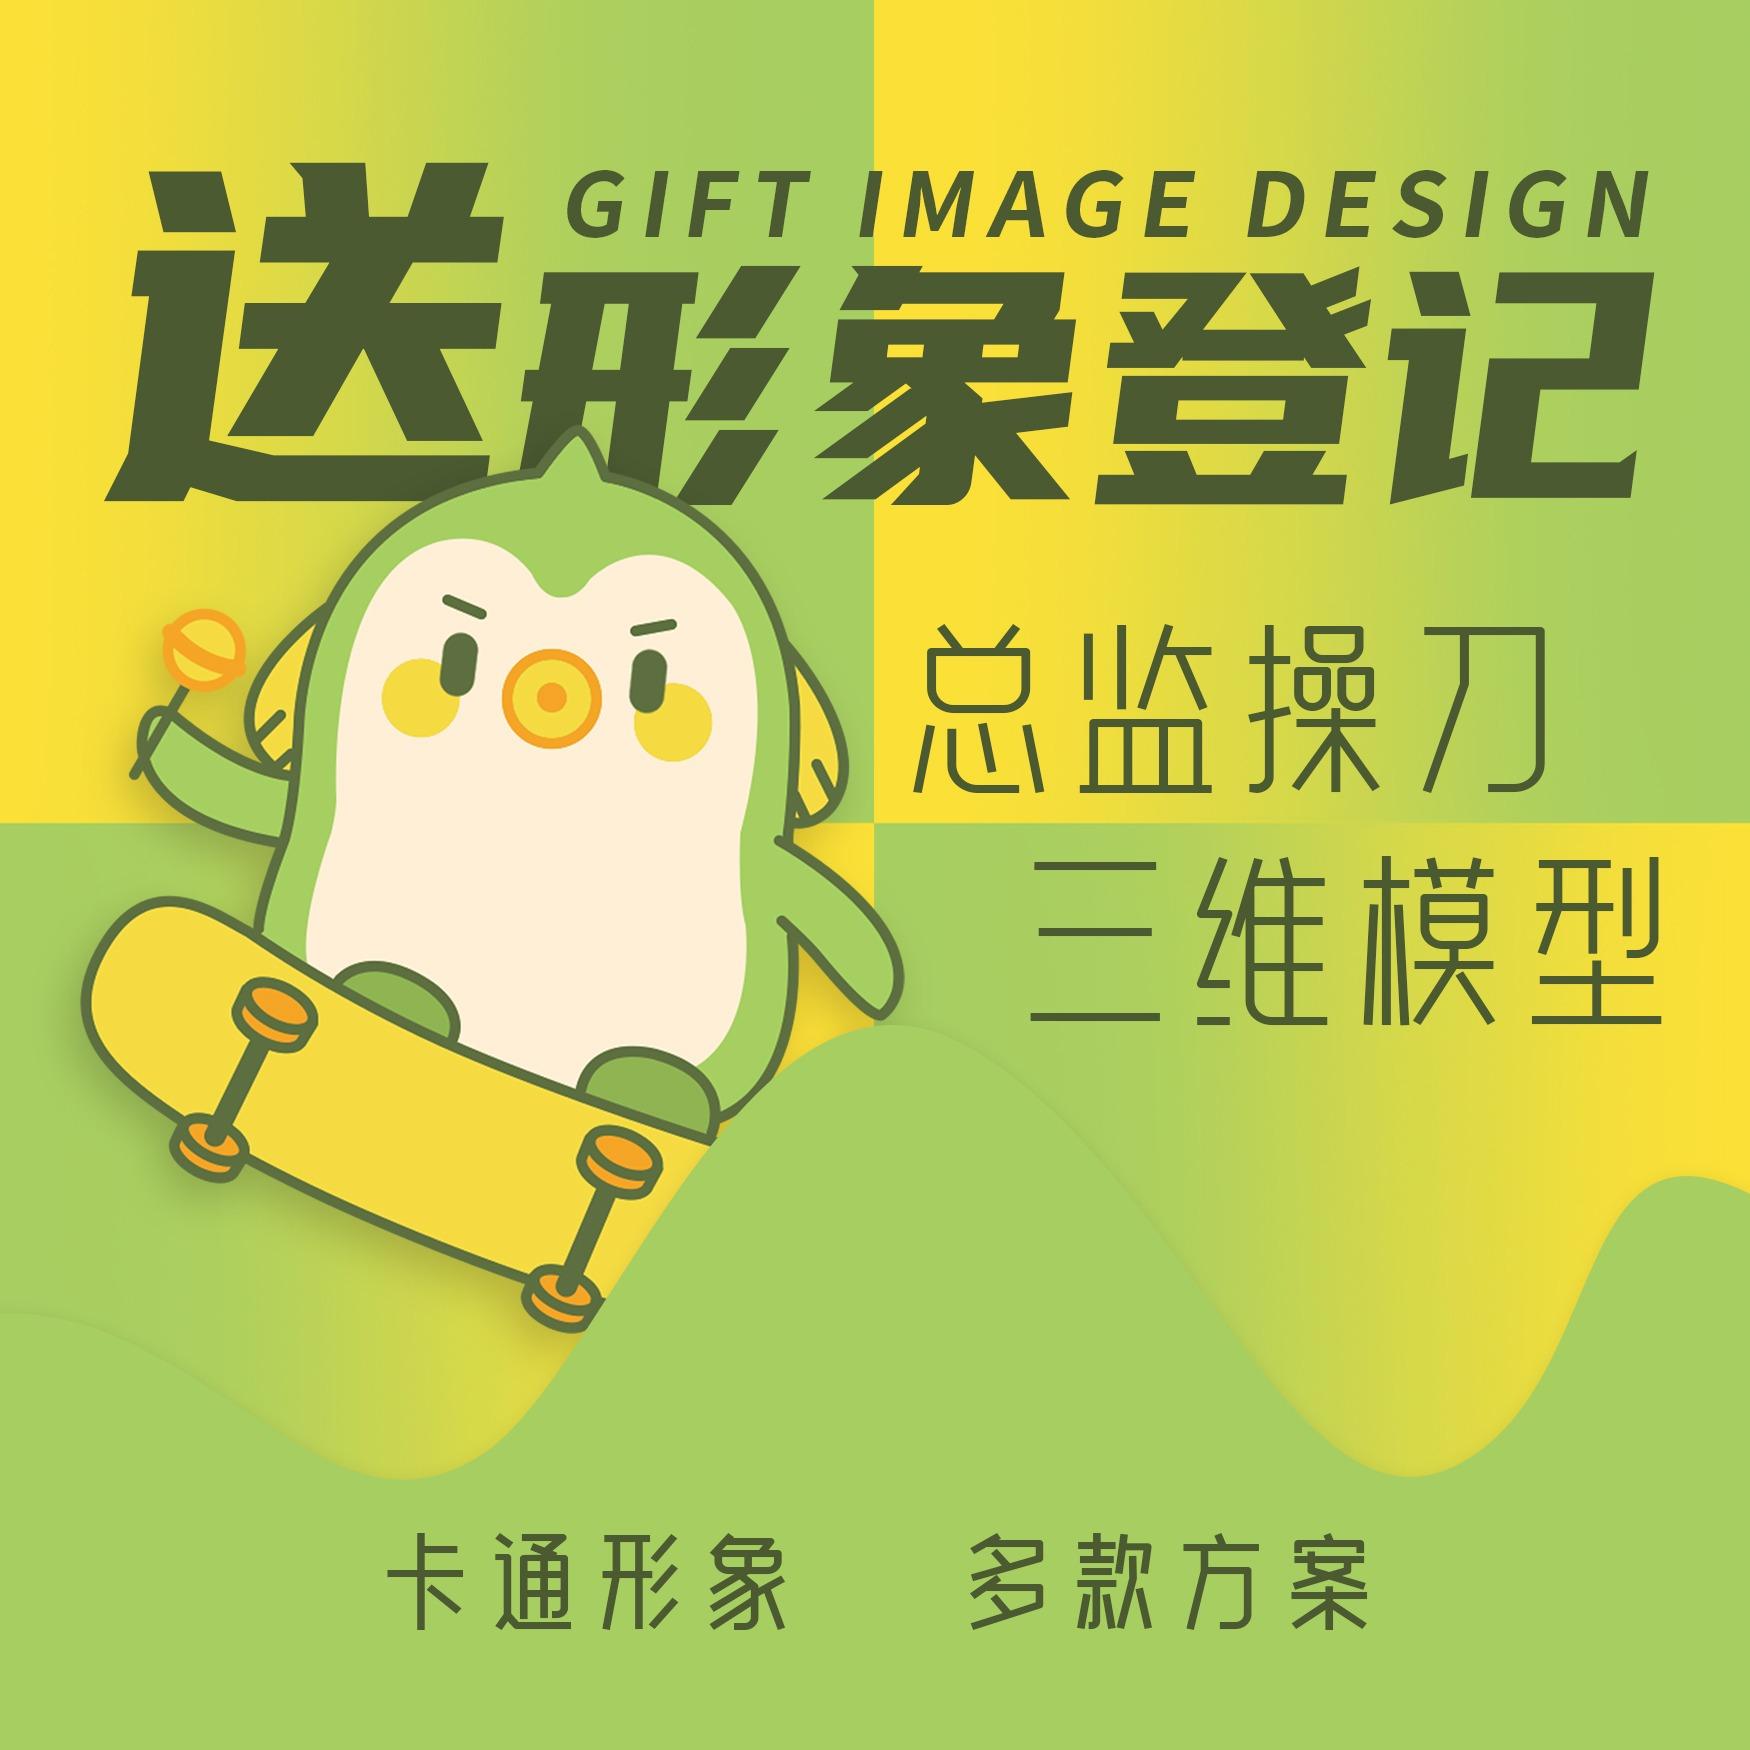 企业吉祥物手办形象玩偶潮玩手办盲盒包装餐饮盒可爱卡通衍生设计